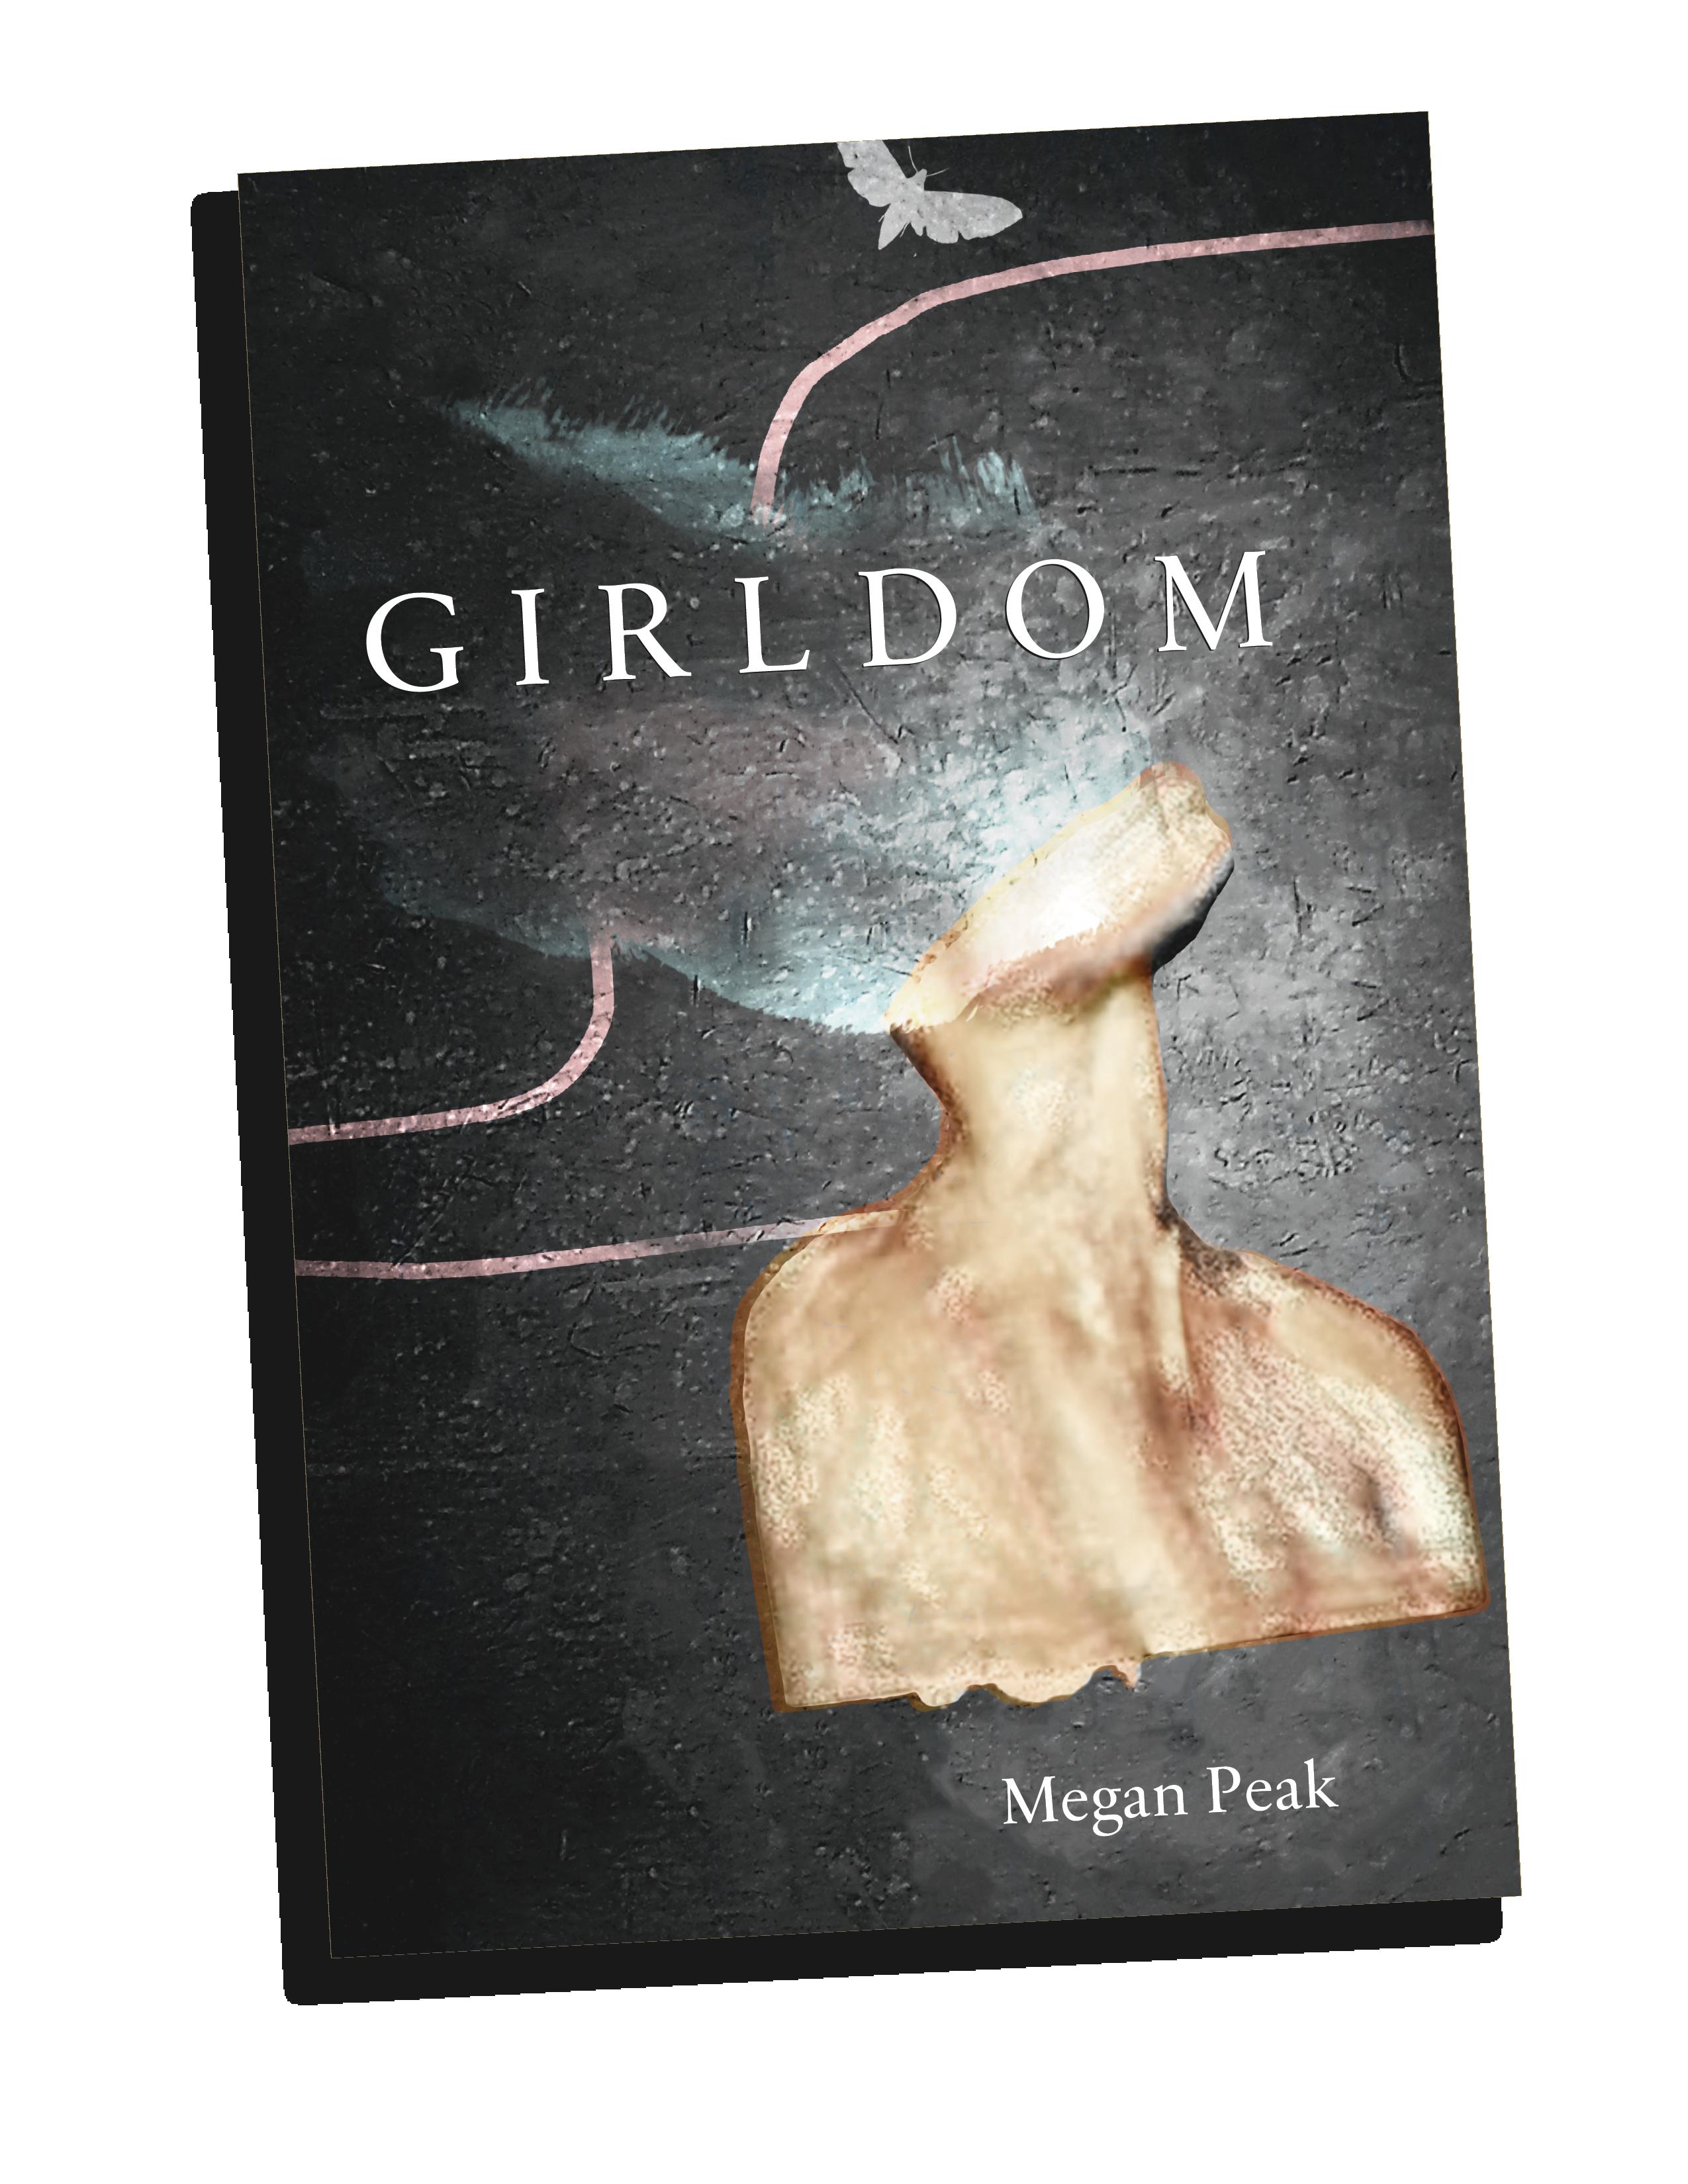 Girldom, by Megan Peak (2018)